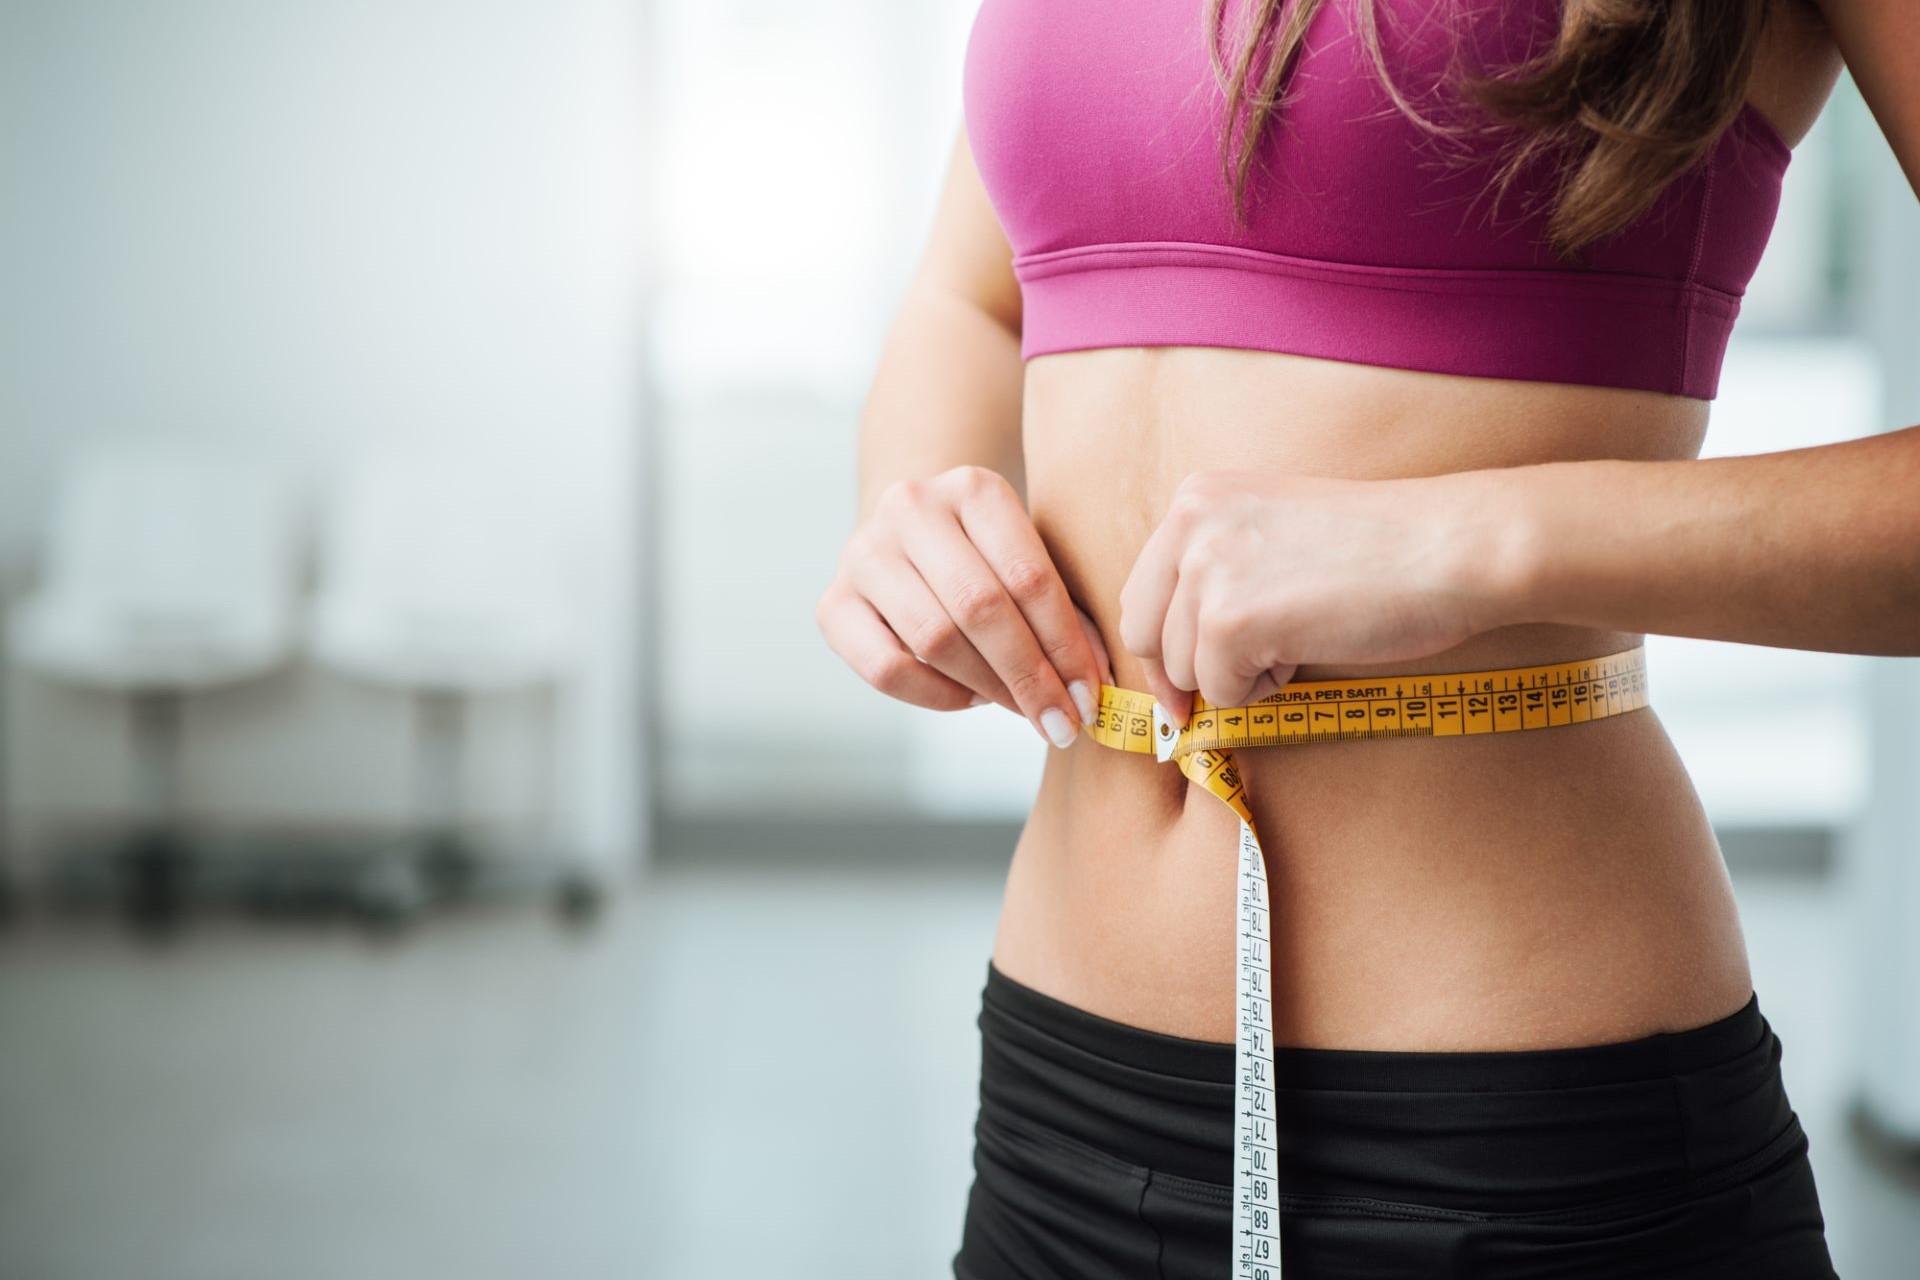 Die Fettverbrennung gezielt steigern durch Sport und Ernährung